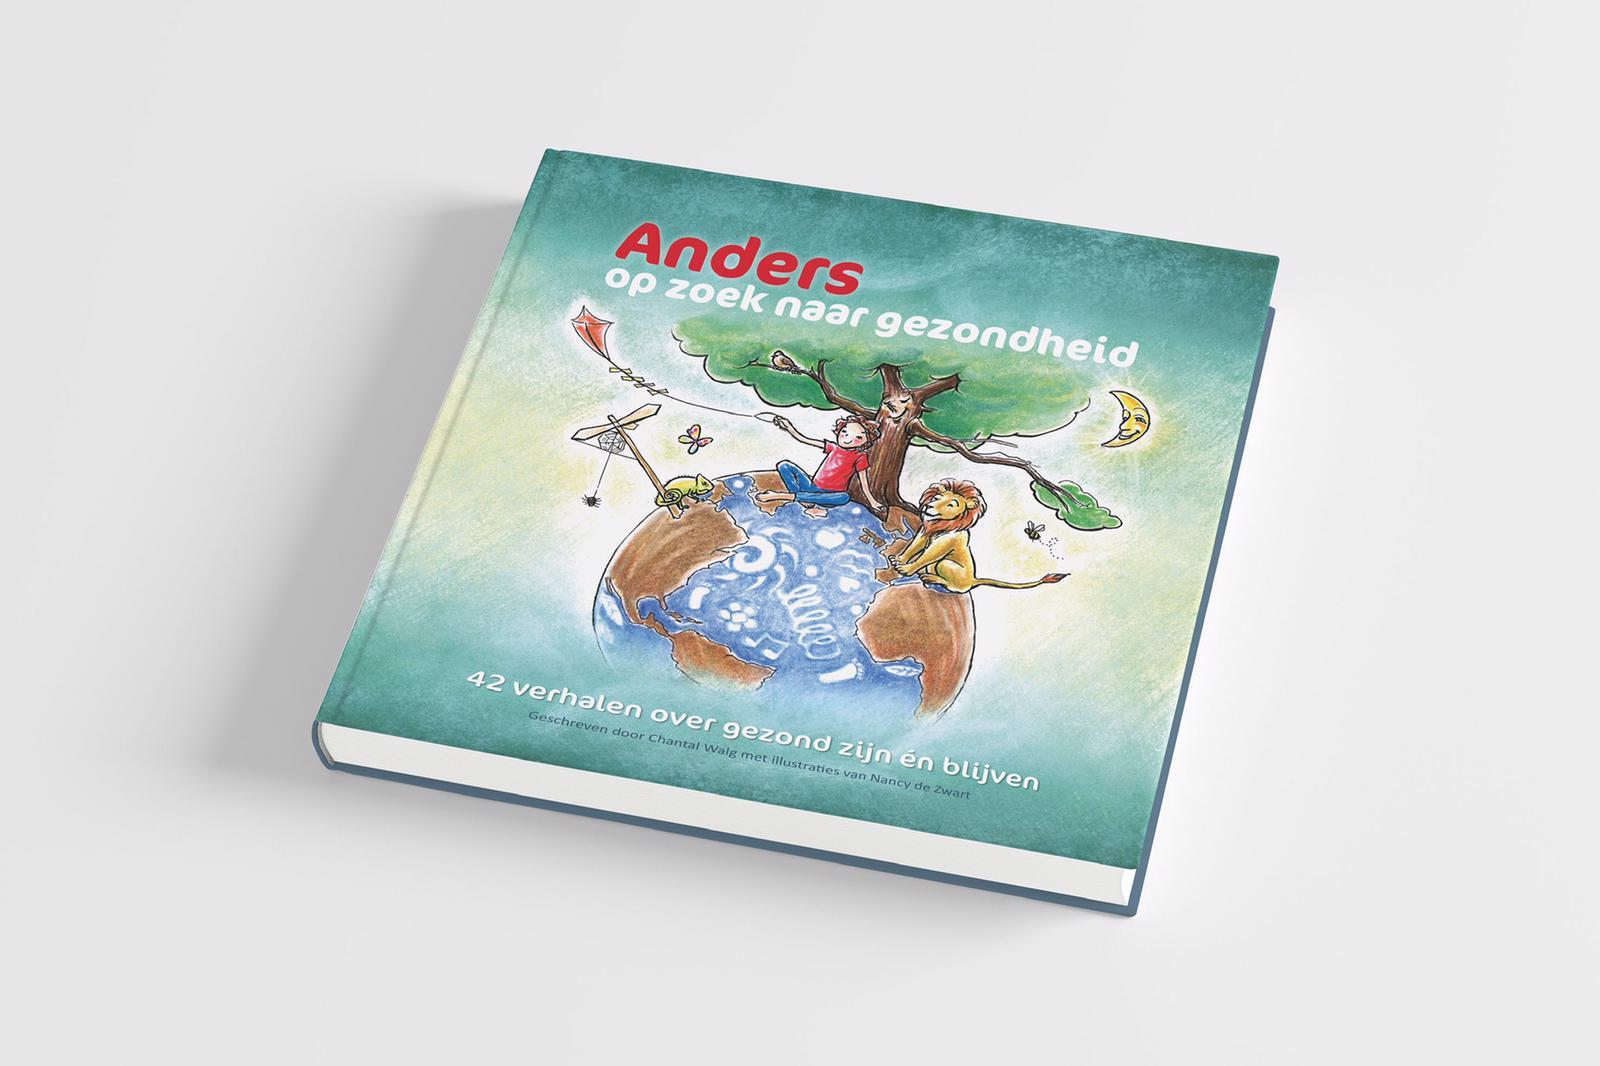 Boek Anders op zoek naar gezondheid